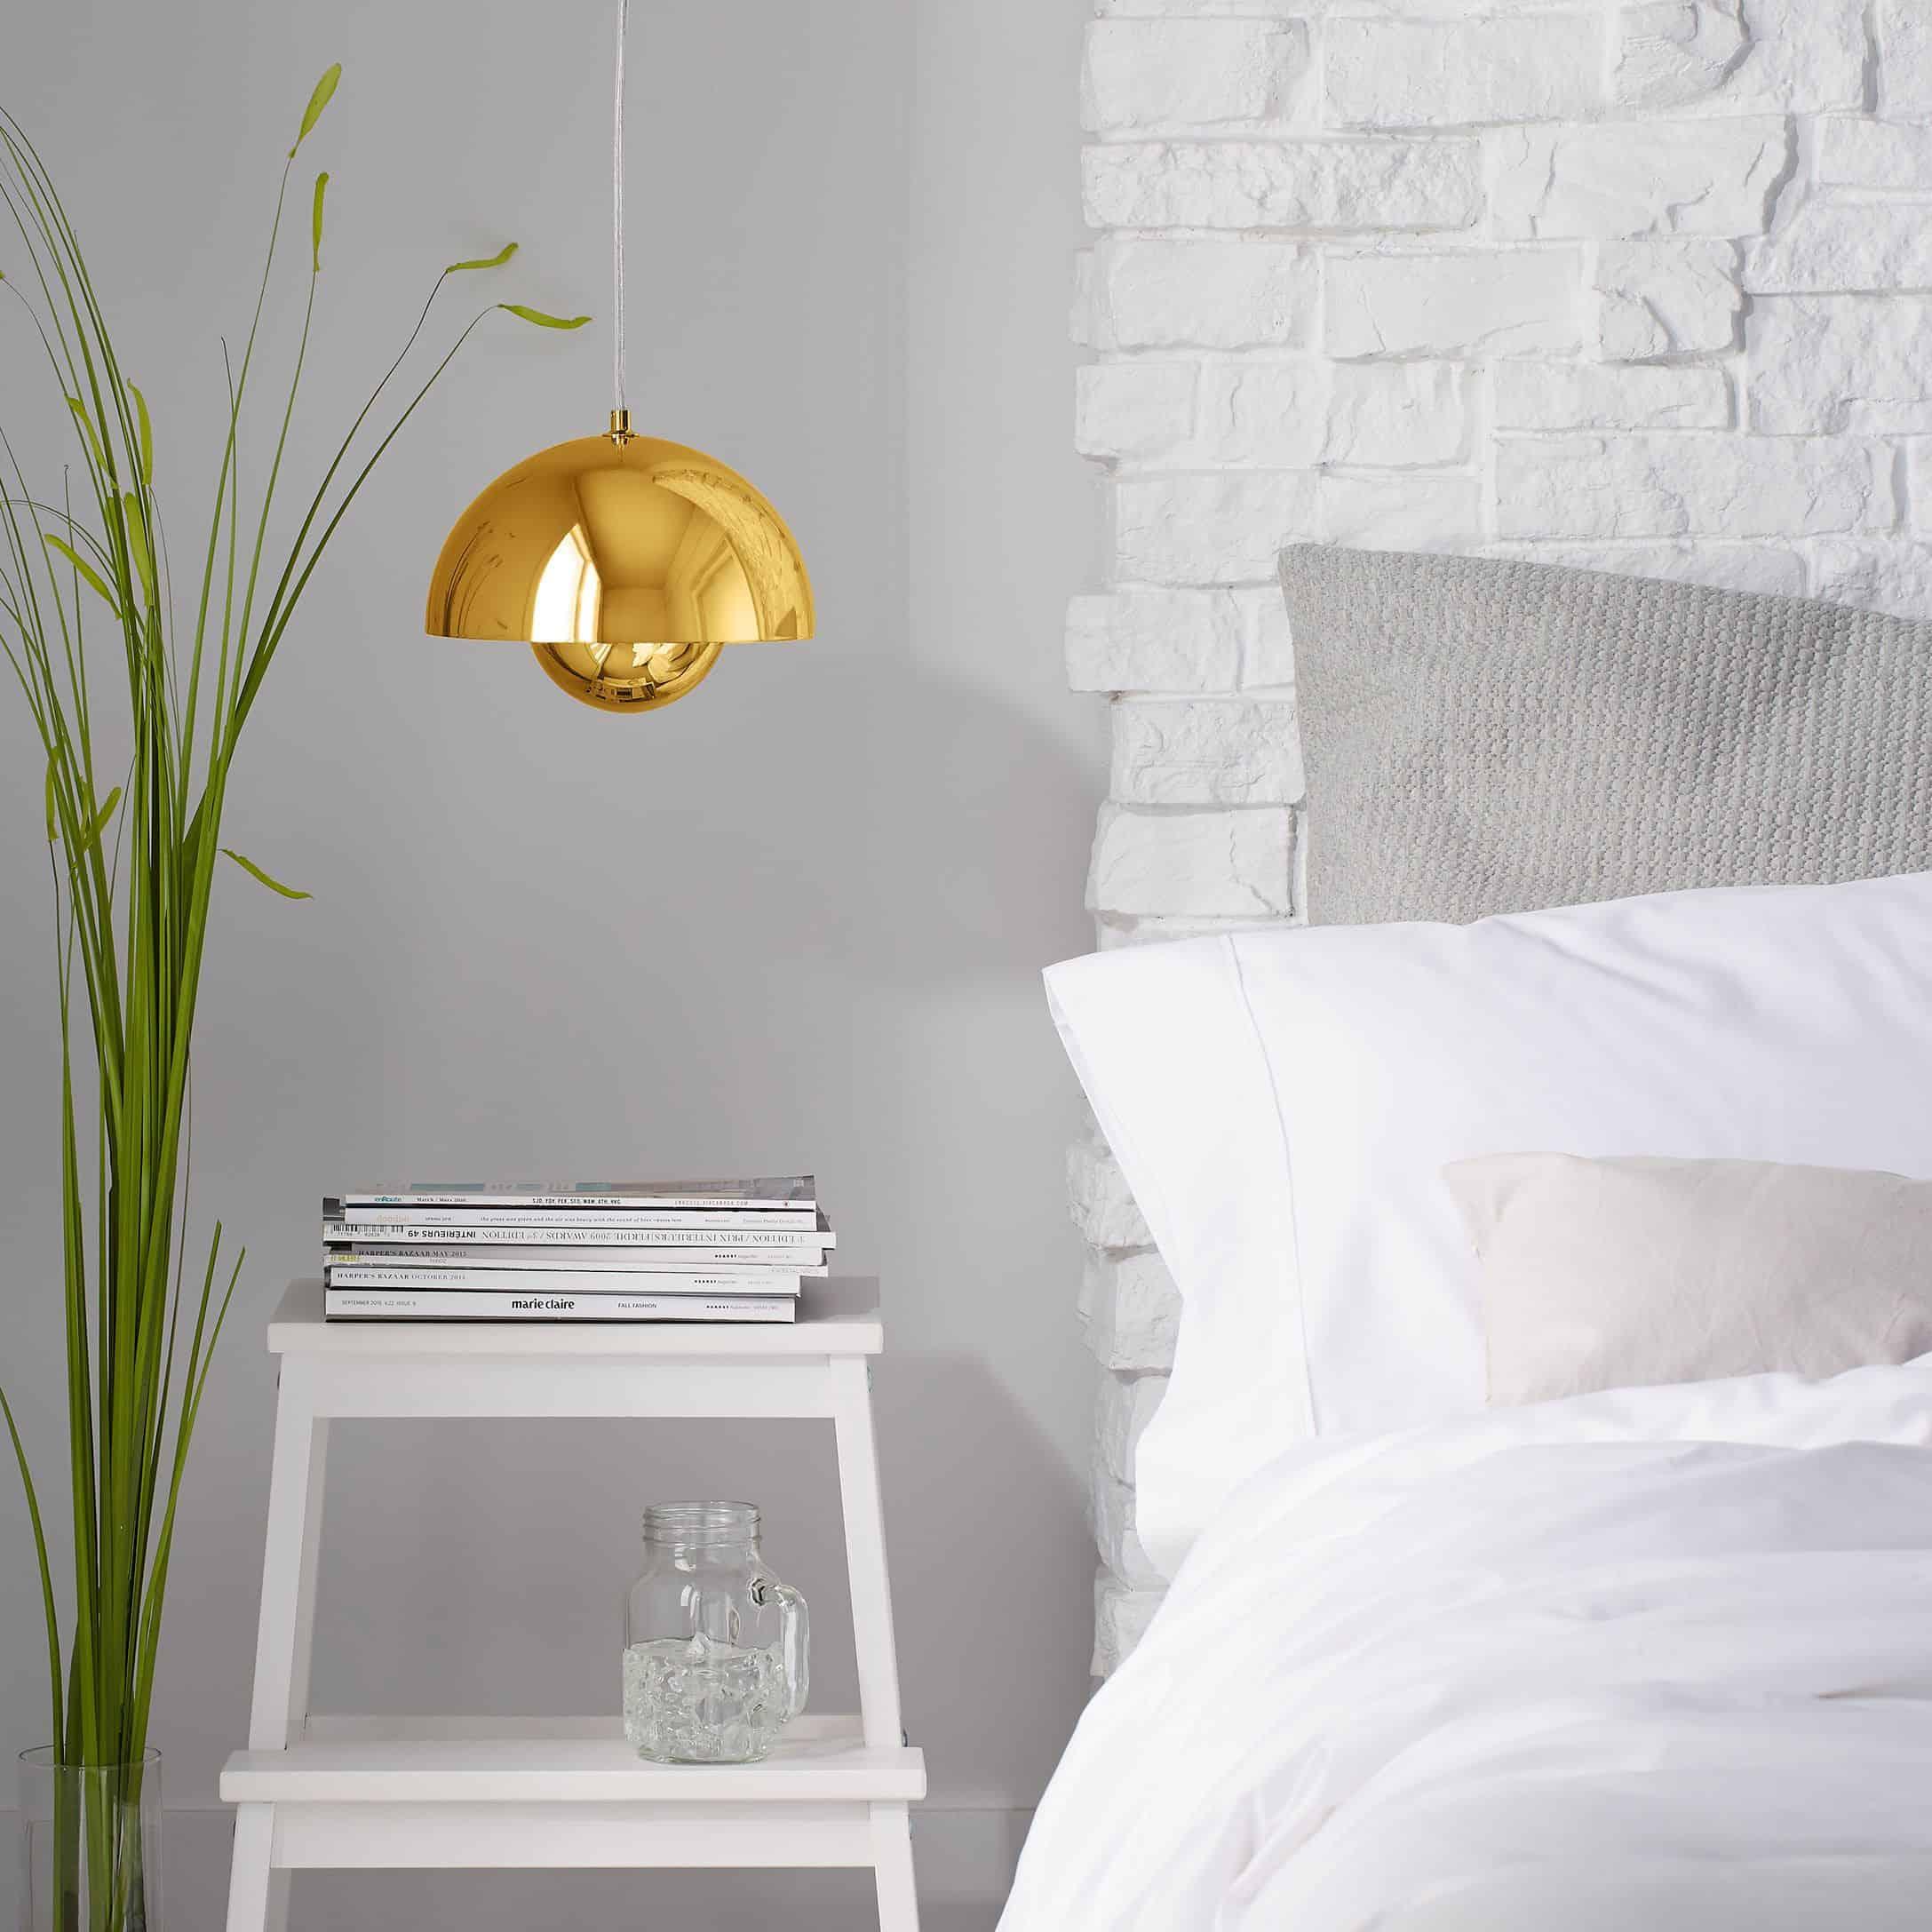 Metalik vurgular Tüm Gün Büyüleyici Daha Parlak ve Yatak Odası İçin Sarı Renk Kullanmanın Çekici Yolları